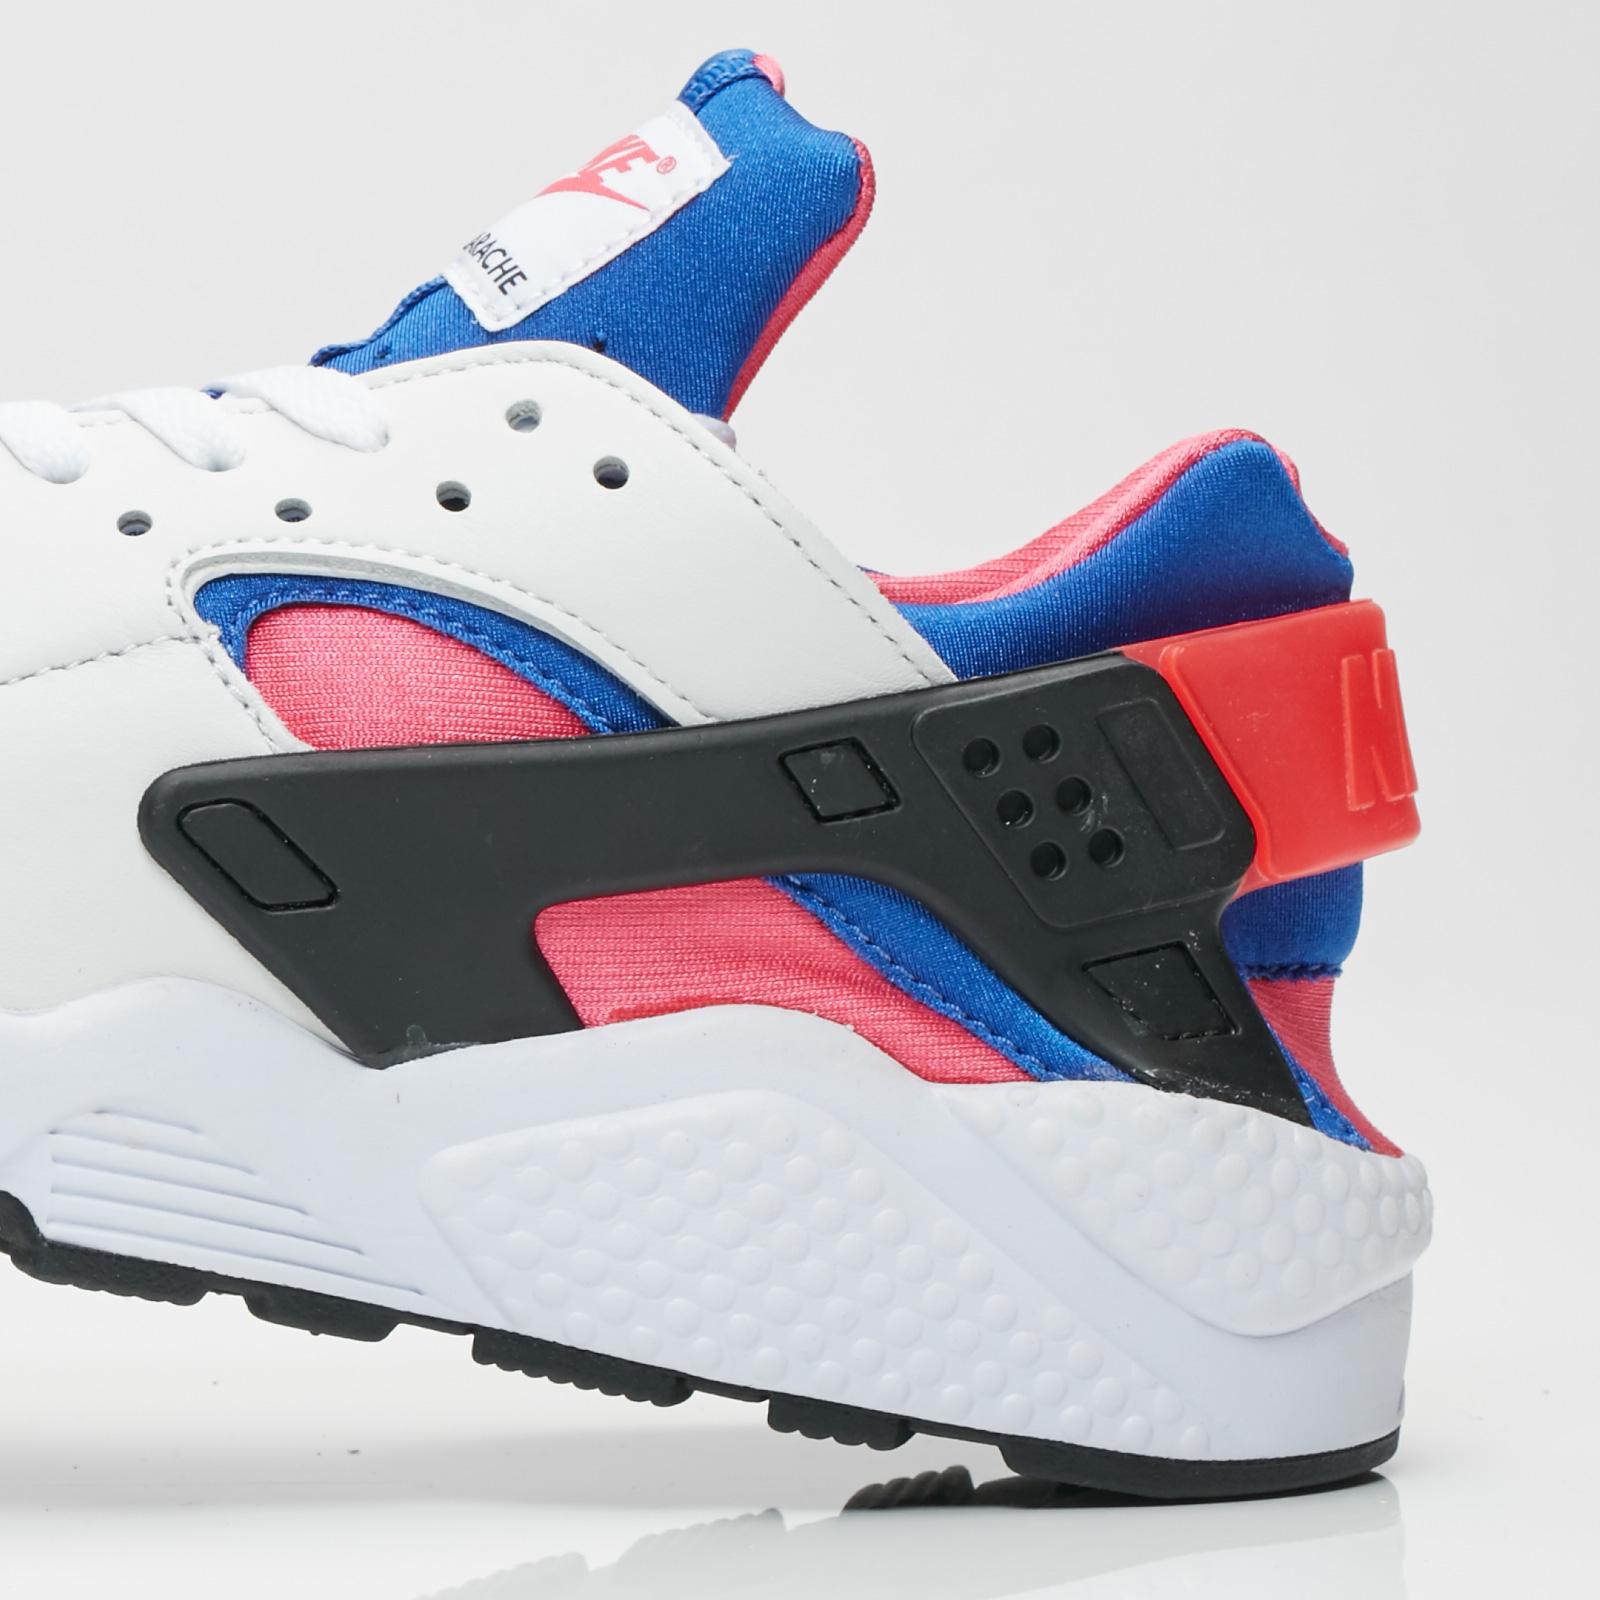 f4a806daa73 Nike Air Huarache Run 91 QS - Ah8049-100 - Sneakersnstuff | sneakers ...